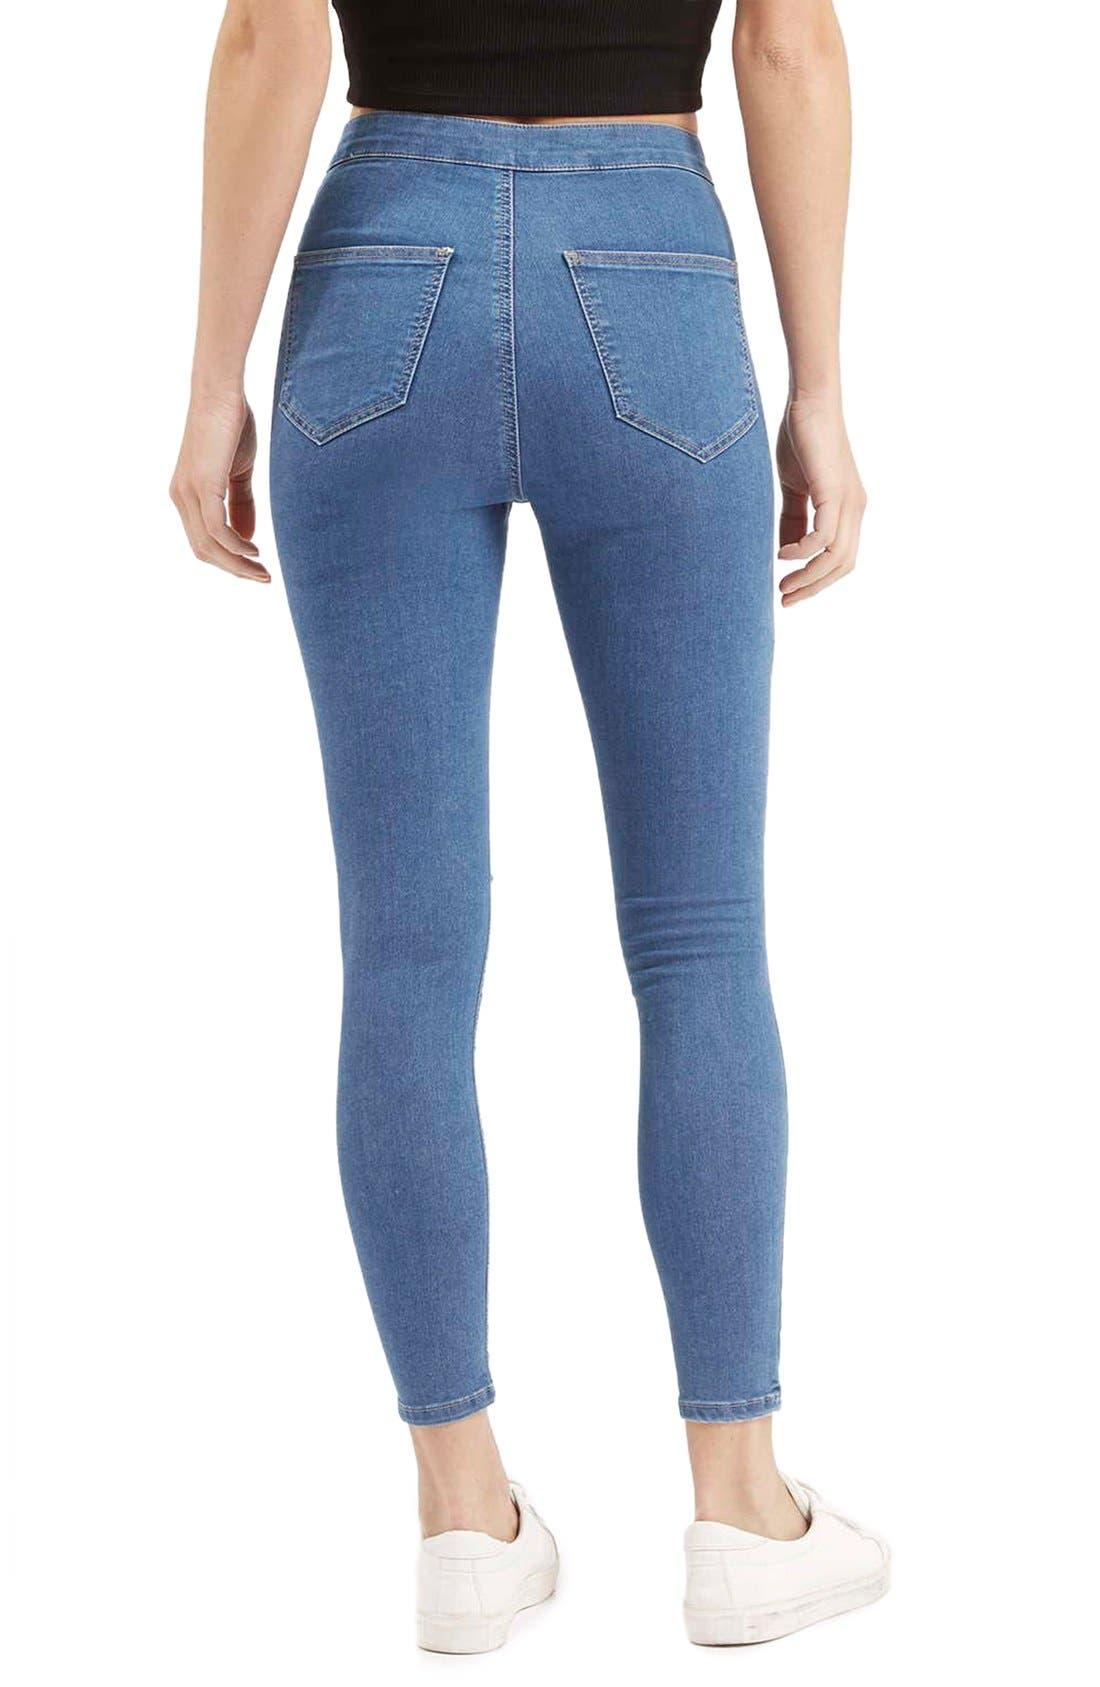 Alternate Image 3  - Topshop 'Joni' RippedHigh Rise Skinny Jeans (Petite)